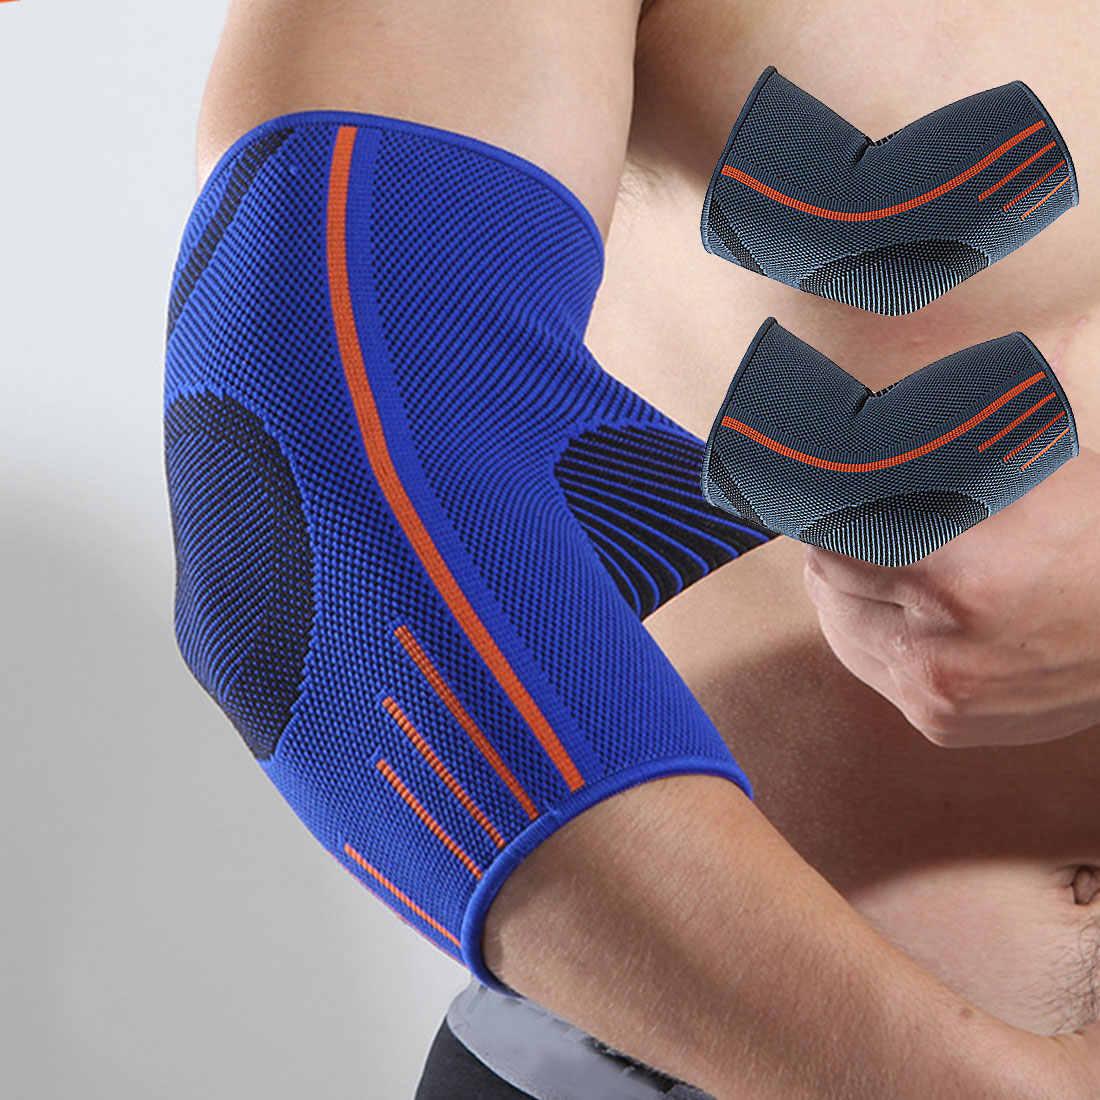 Nouveau 1 pièces respirant manchon de Compression coude orthèse de soutien protecteur pour haltérophilie arthrite volley-ball Tennis bras orthèse